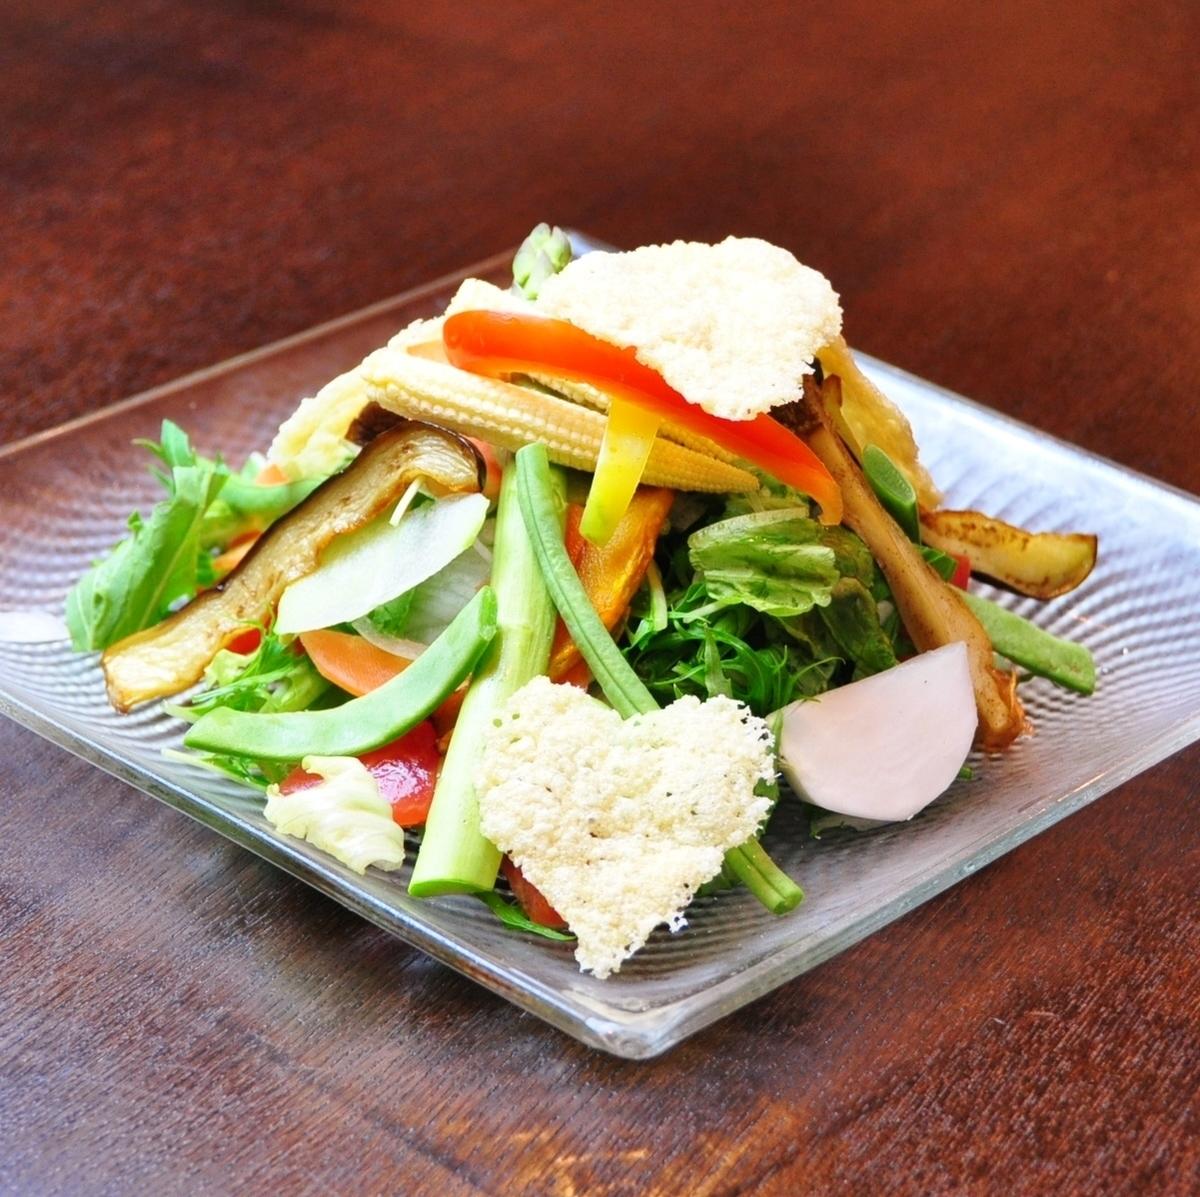 Chef's whimsical salad